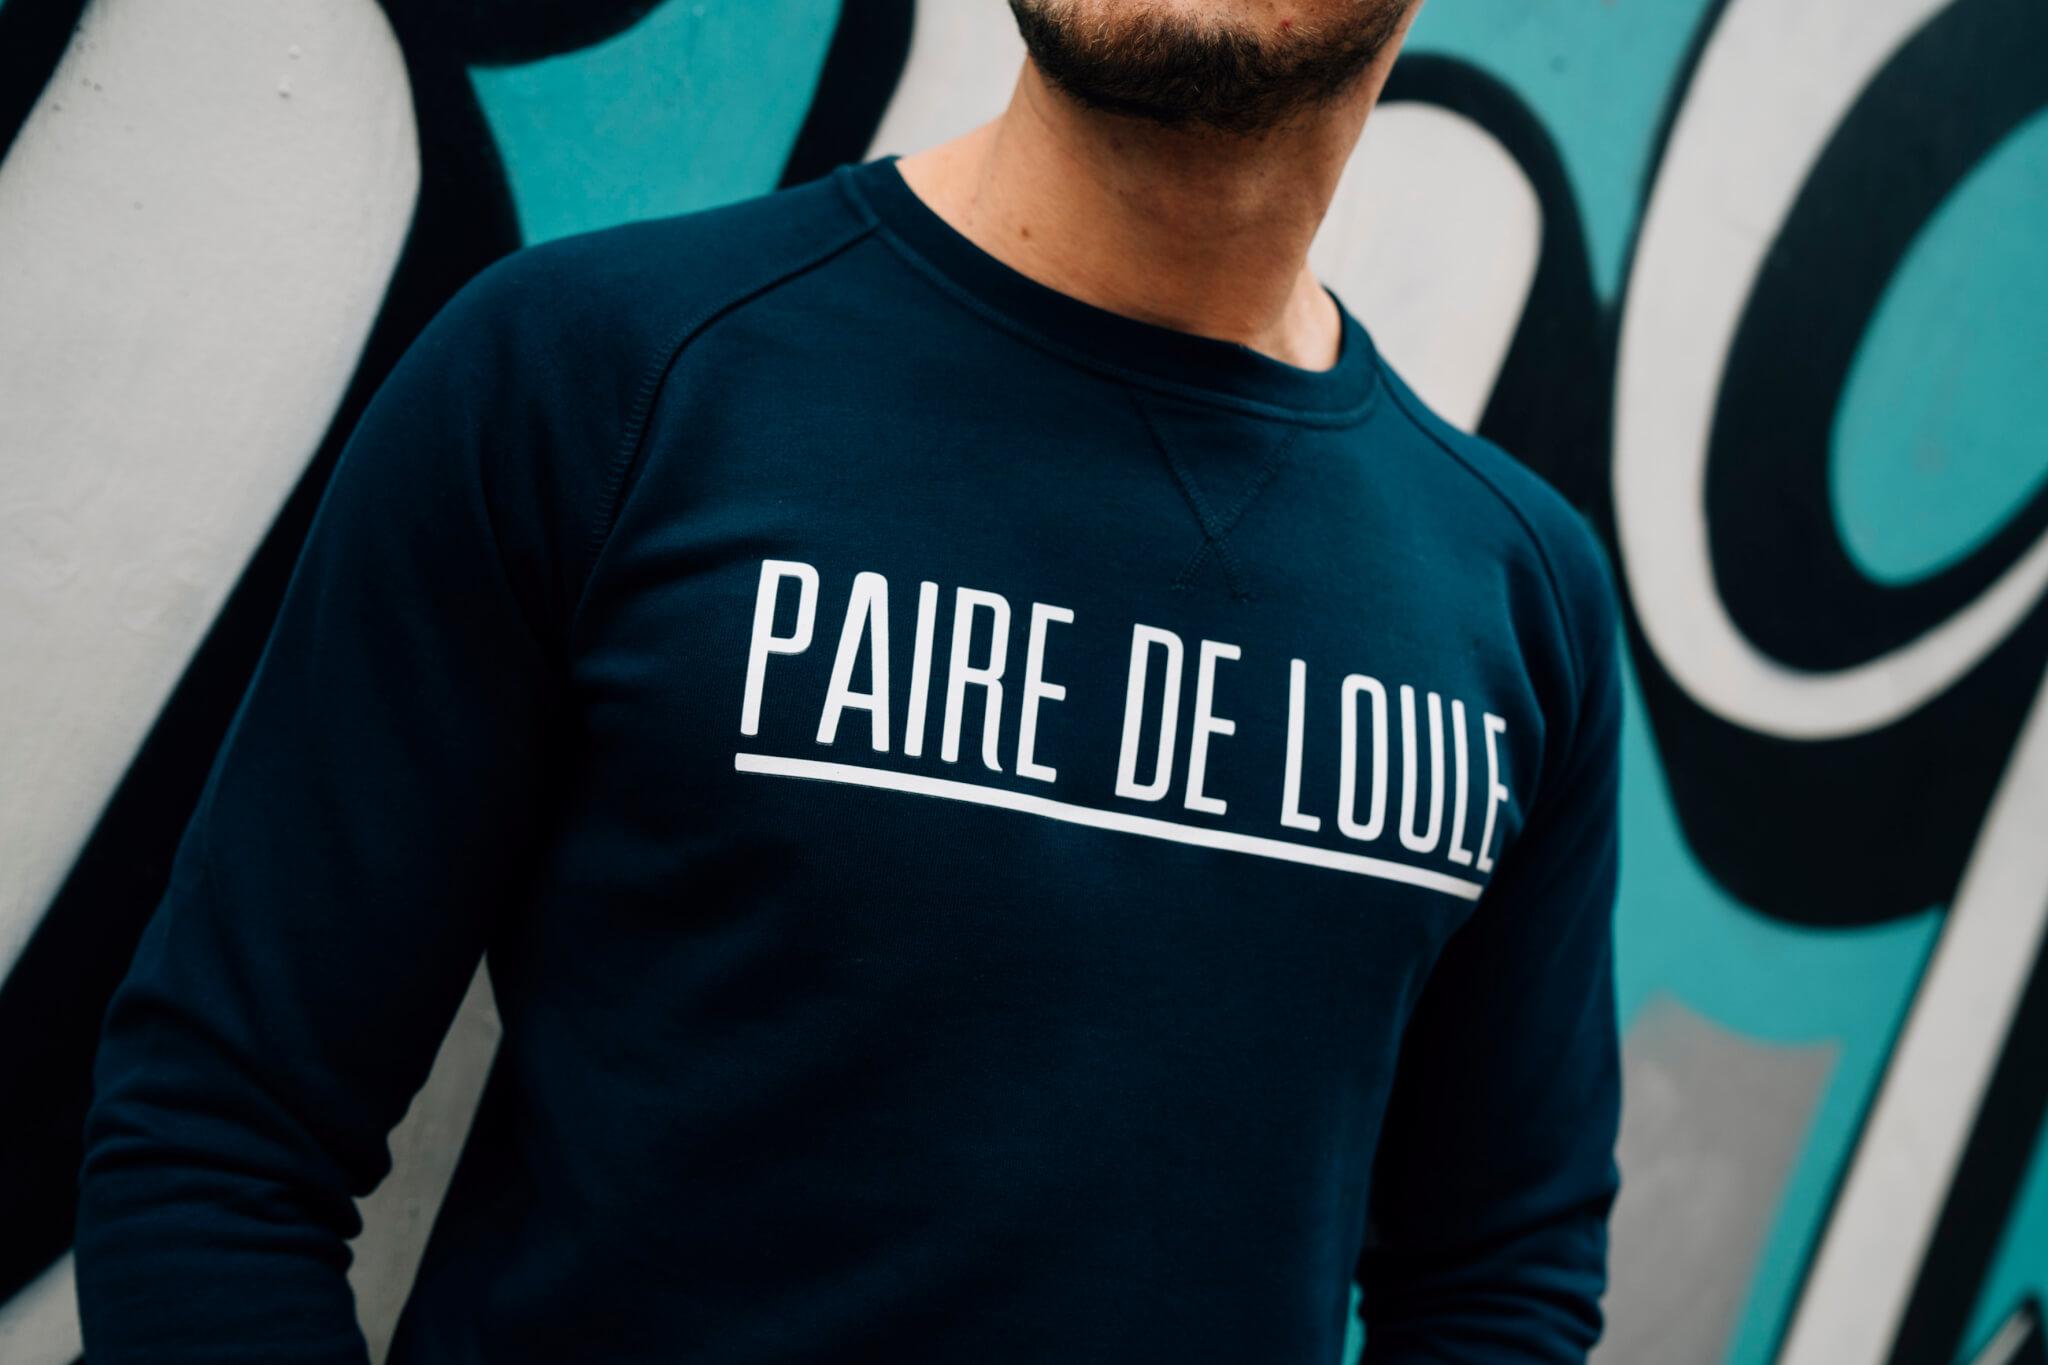 Paire de loule sweater - Cheaque - Retailtrends 2019